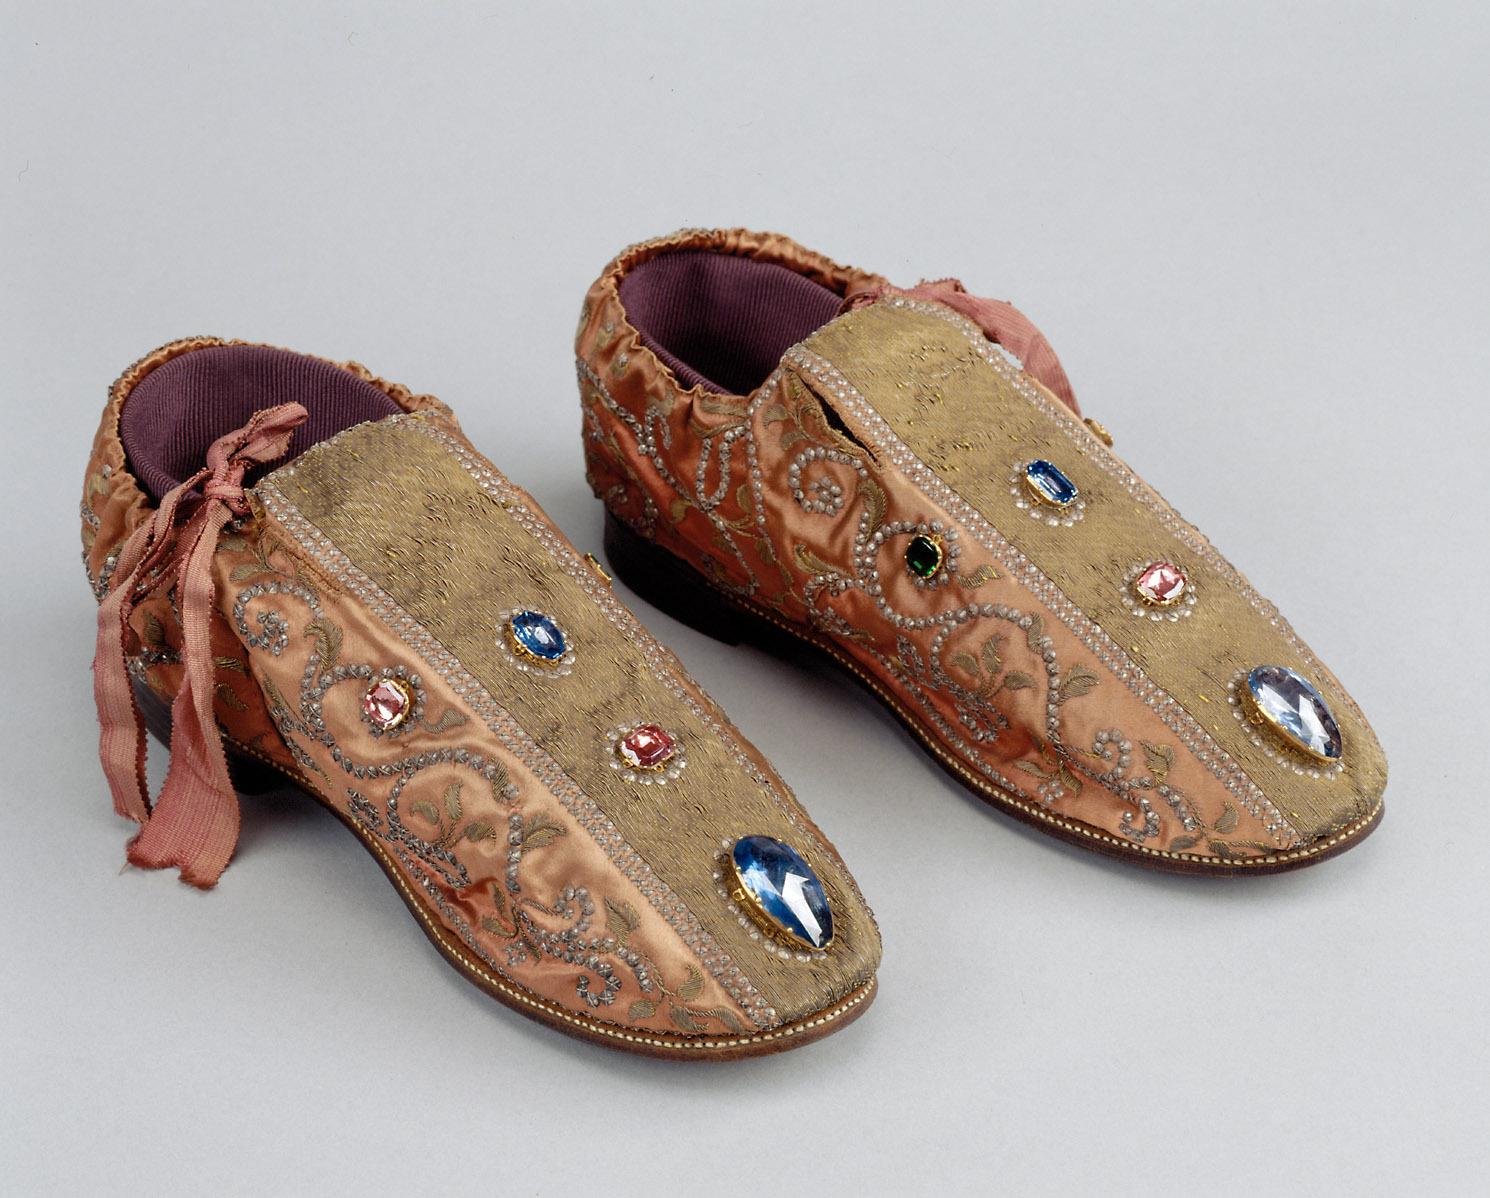 Die Schuhe des Ornats Kaiser Franz I. Stephan von Lothringen (Barockkopien nach den Gewändern des Krönungsornates des Heiligen Römischen Reiches)